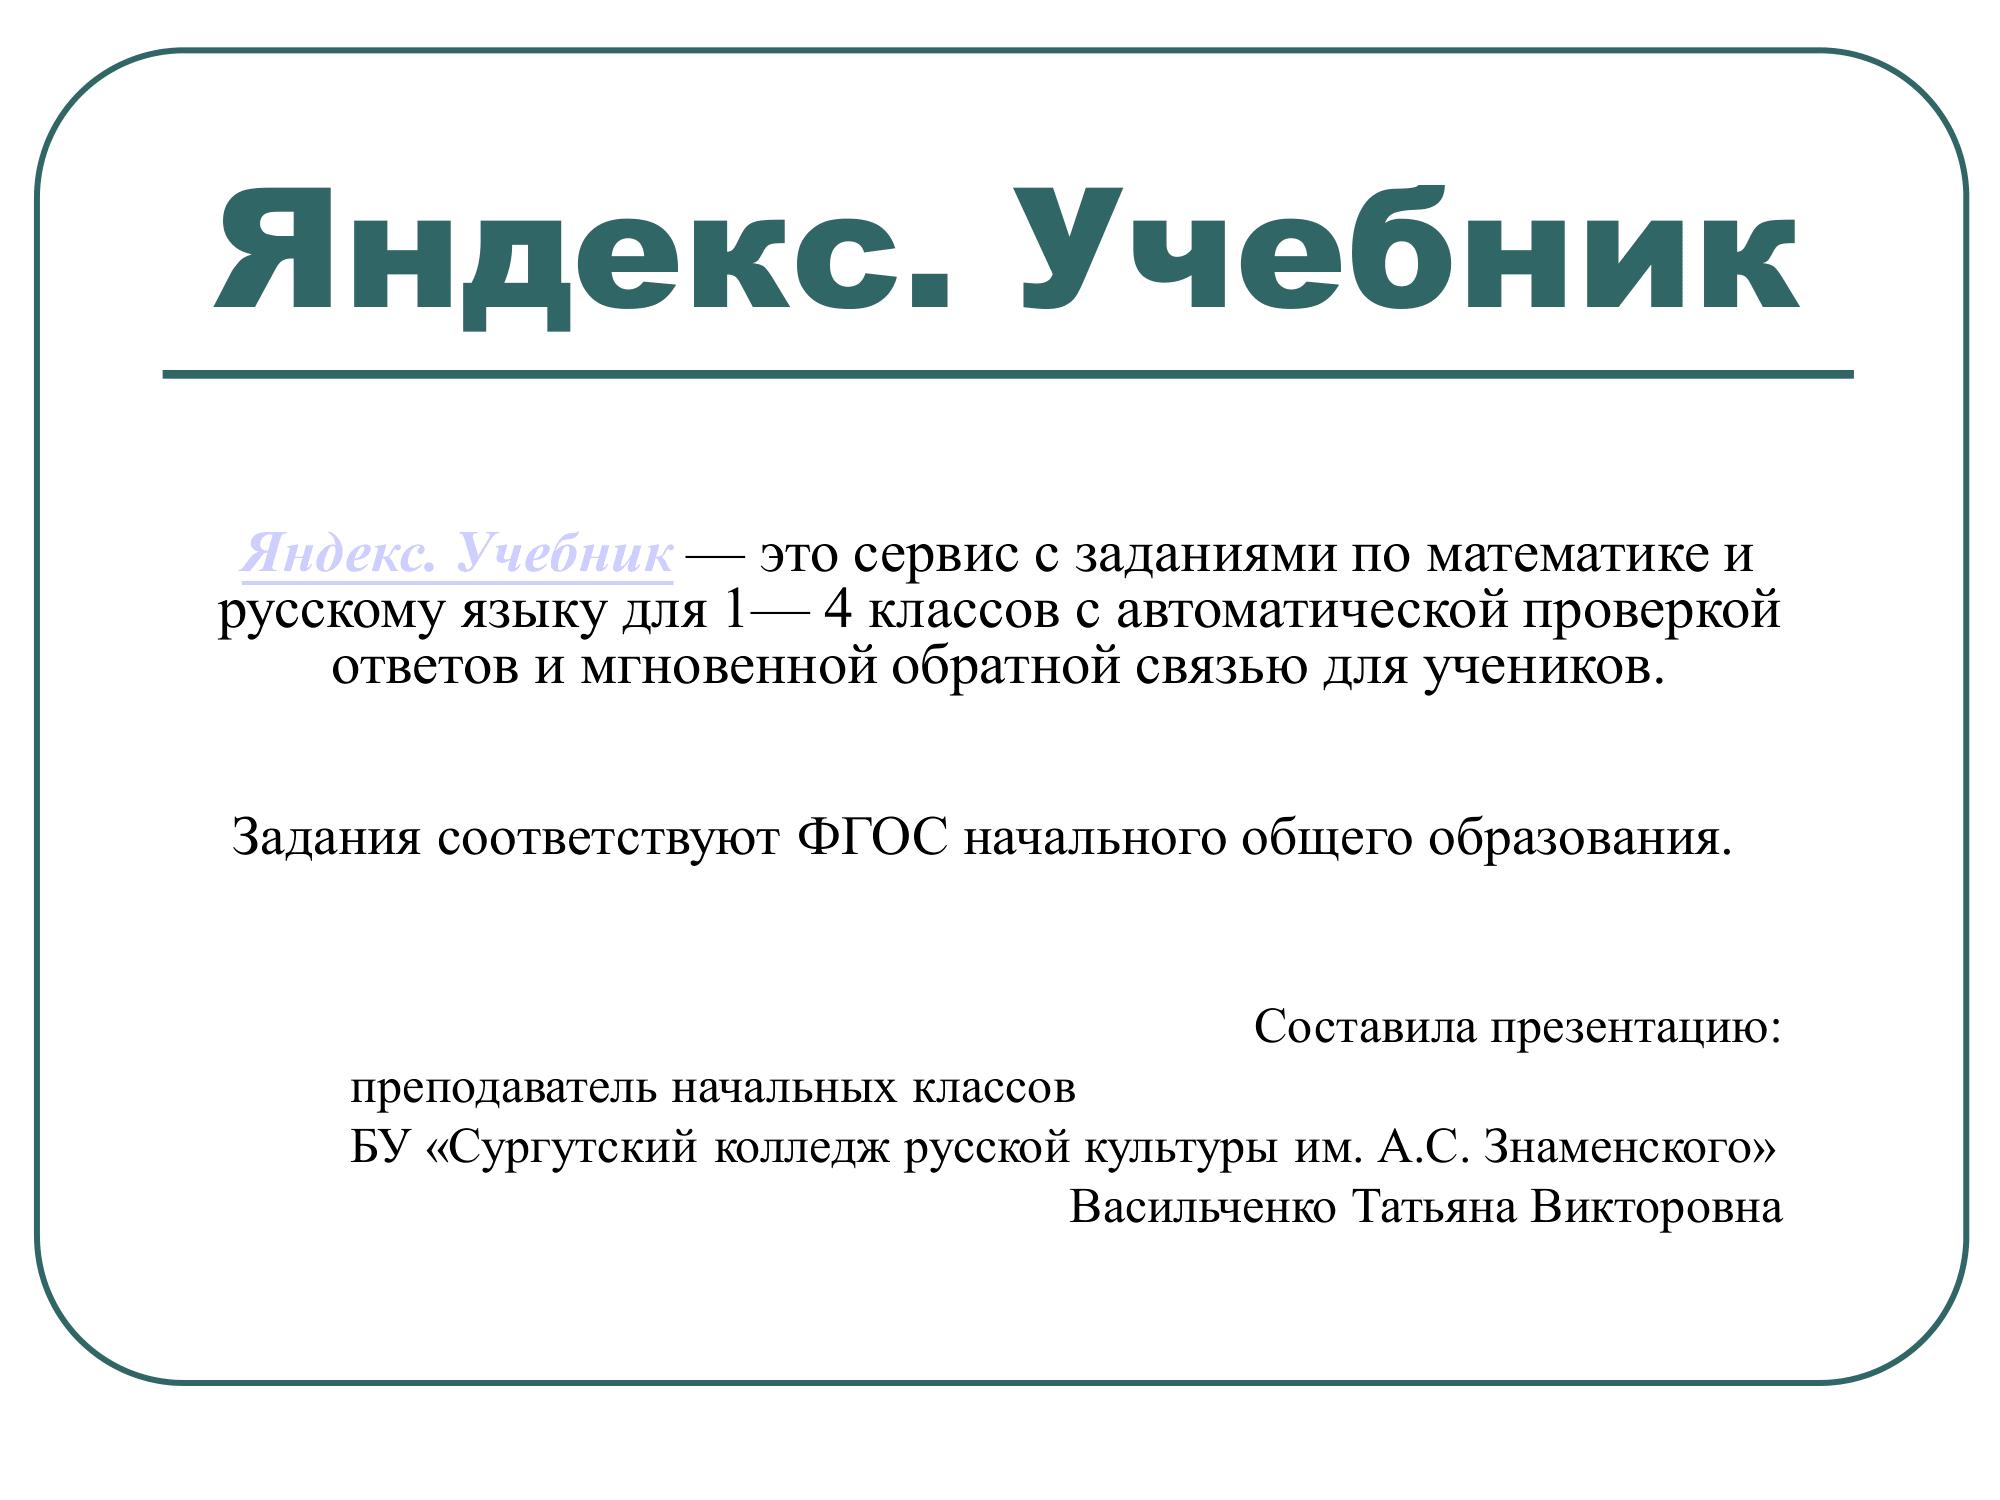 яндекс учебник. Презентация к докладу Васильченко Т.В._0001